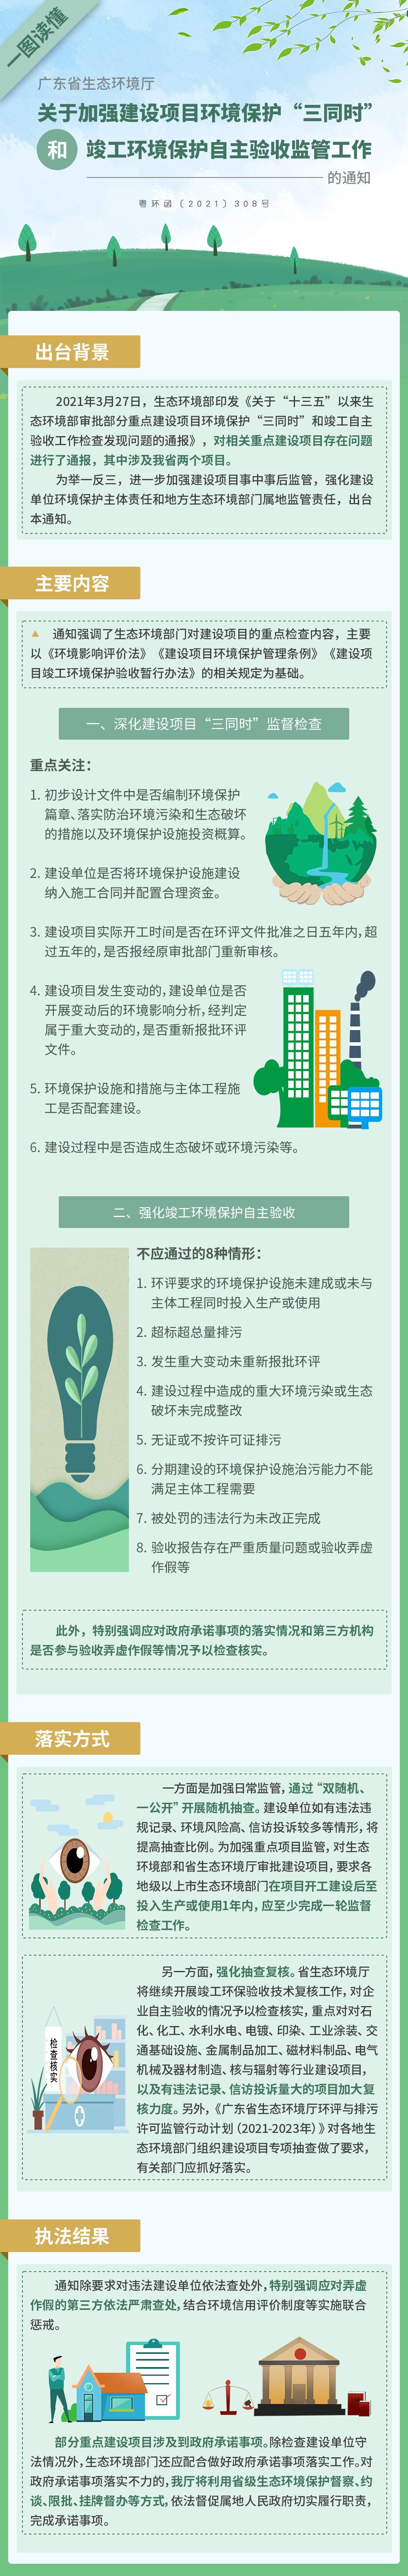 """一图读懂《广东省生态环境厅关于加强建设项目环境保护""""三同时""""和竣工环境保护自主验收监管工作的通知》.jpg"""